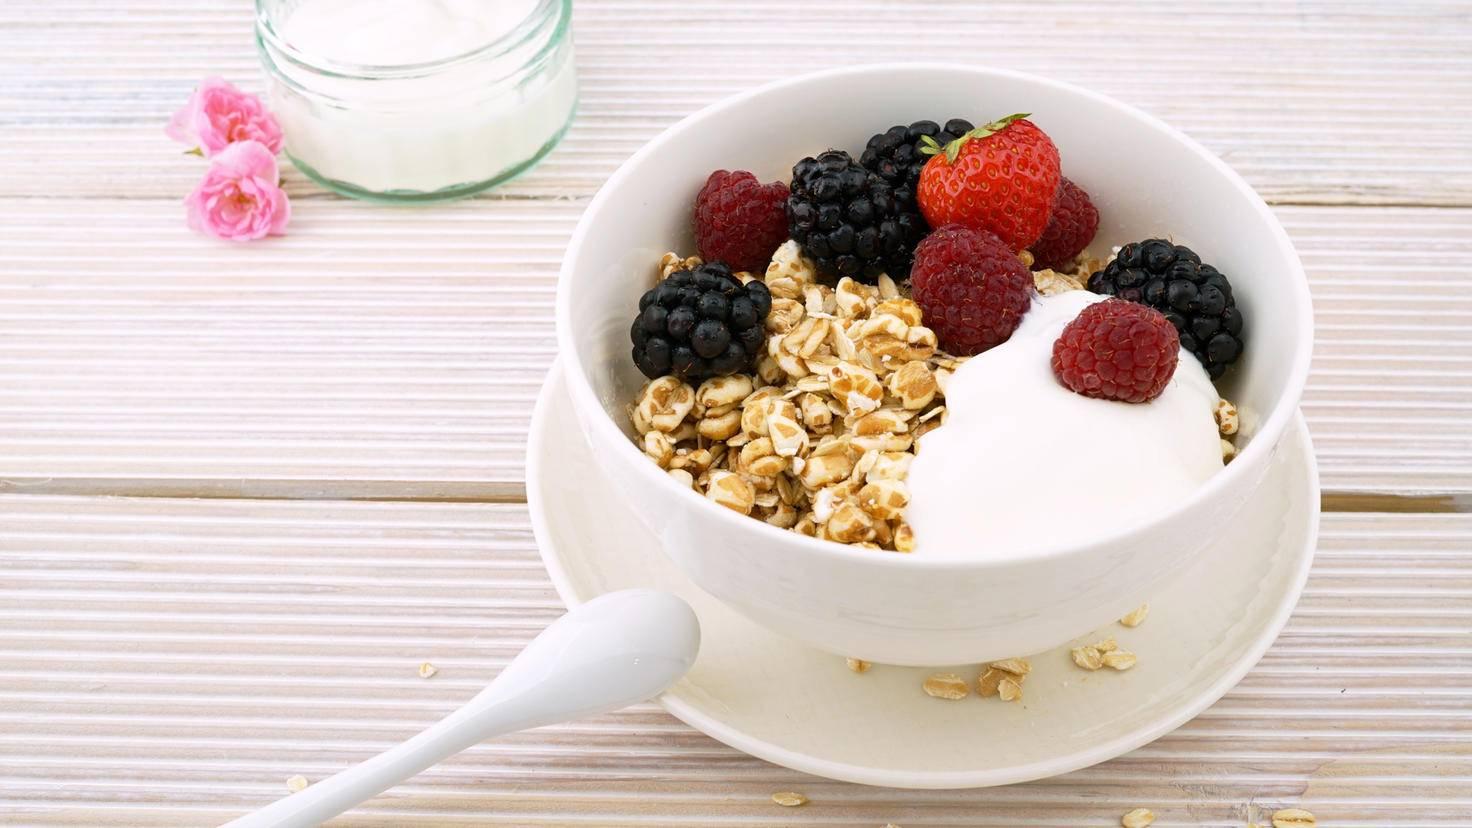 Griechischer Joghurt – auch gemixt mit Beeren und Müsli – ist abends erlaubt.